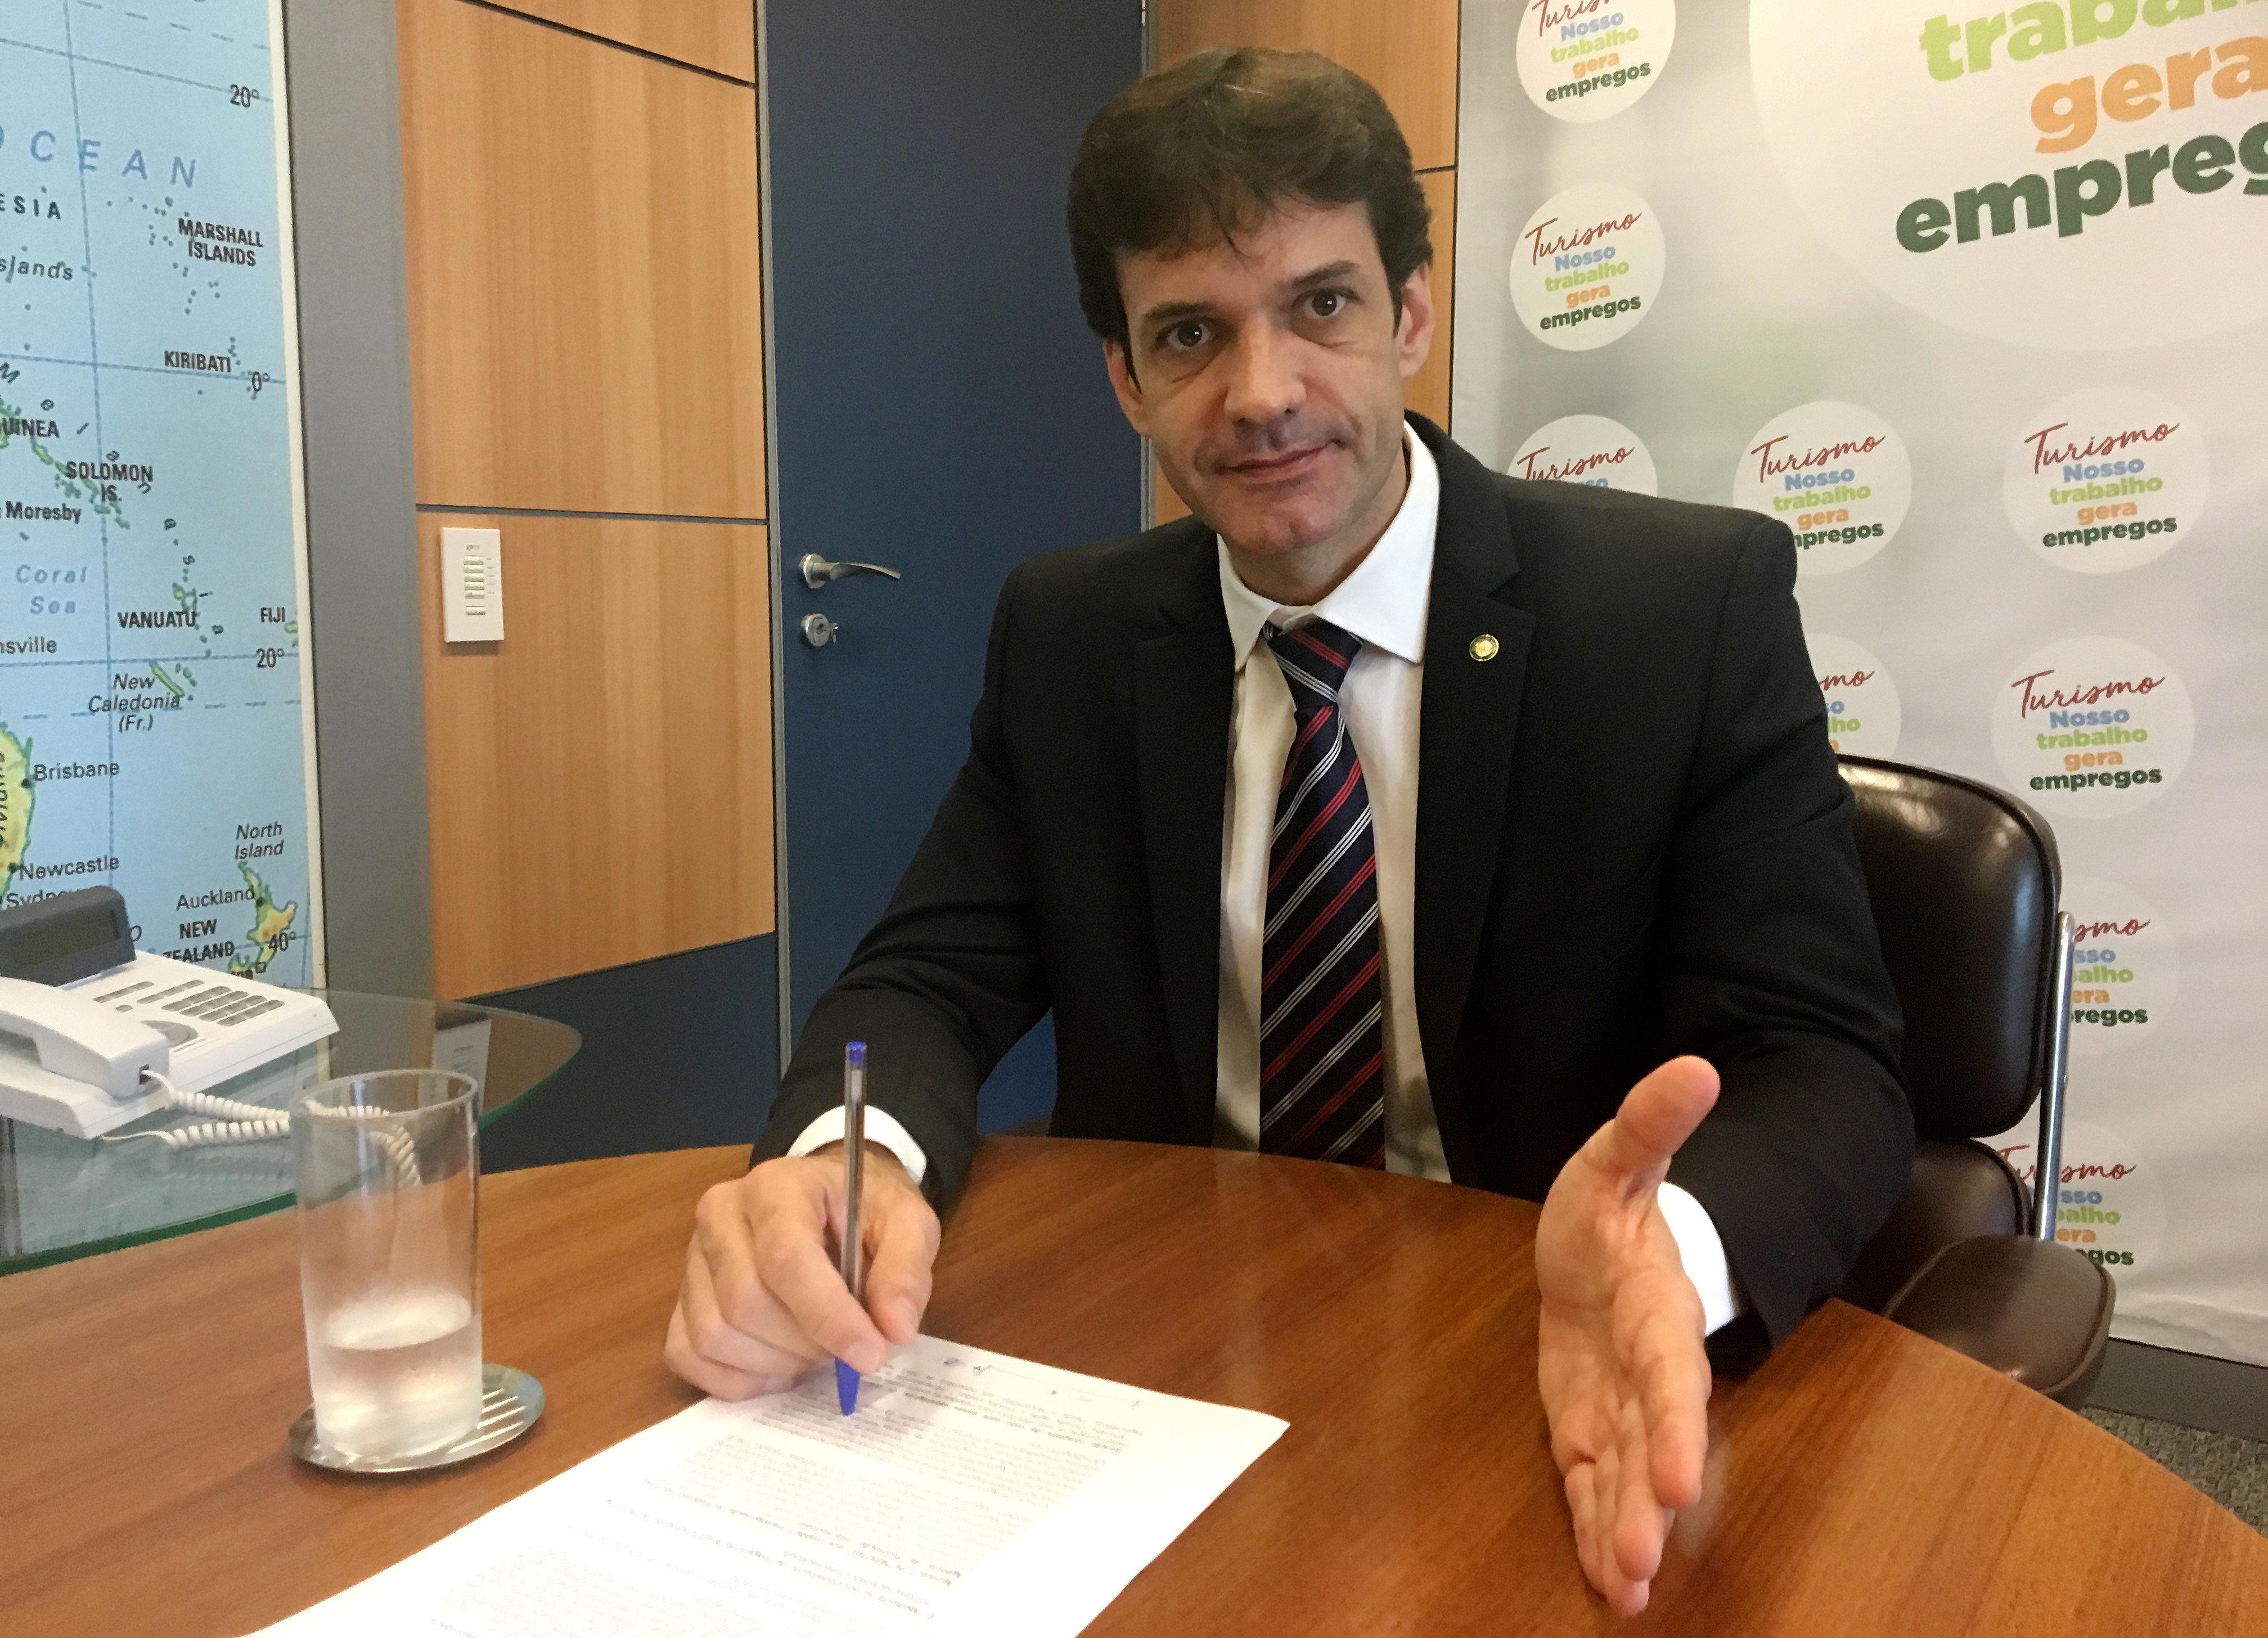 Ministro éalvo de denúncia feita pelo jornal Folha de S.Paulo sobre a criação...